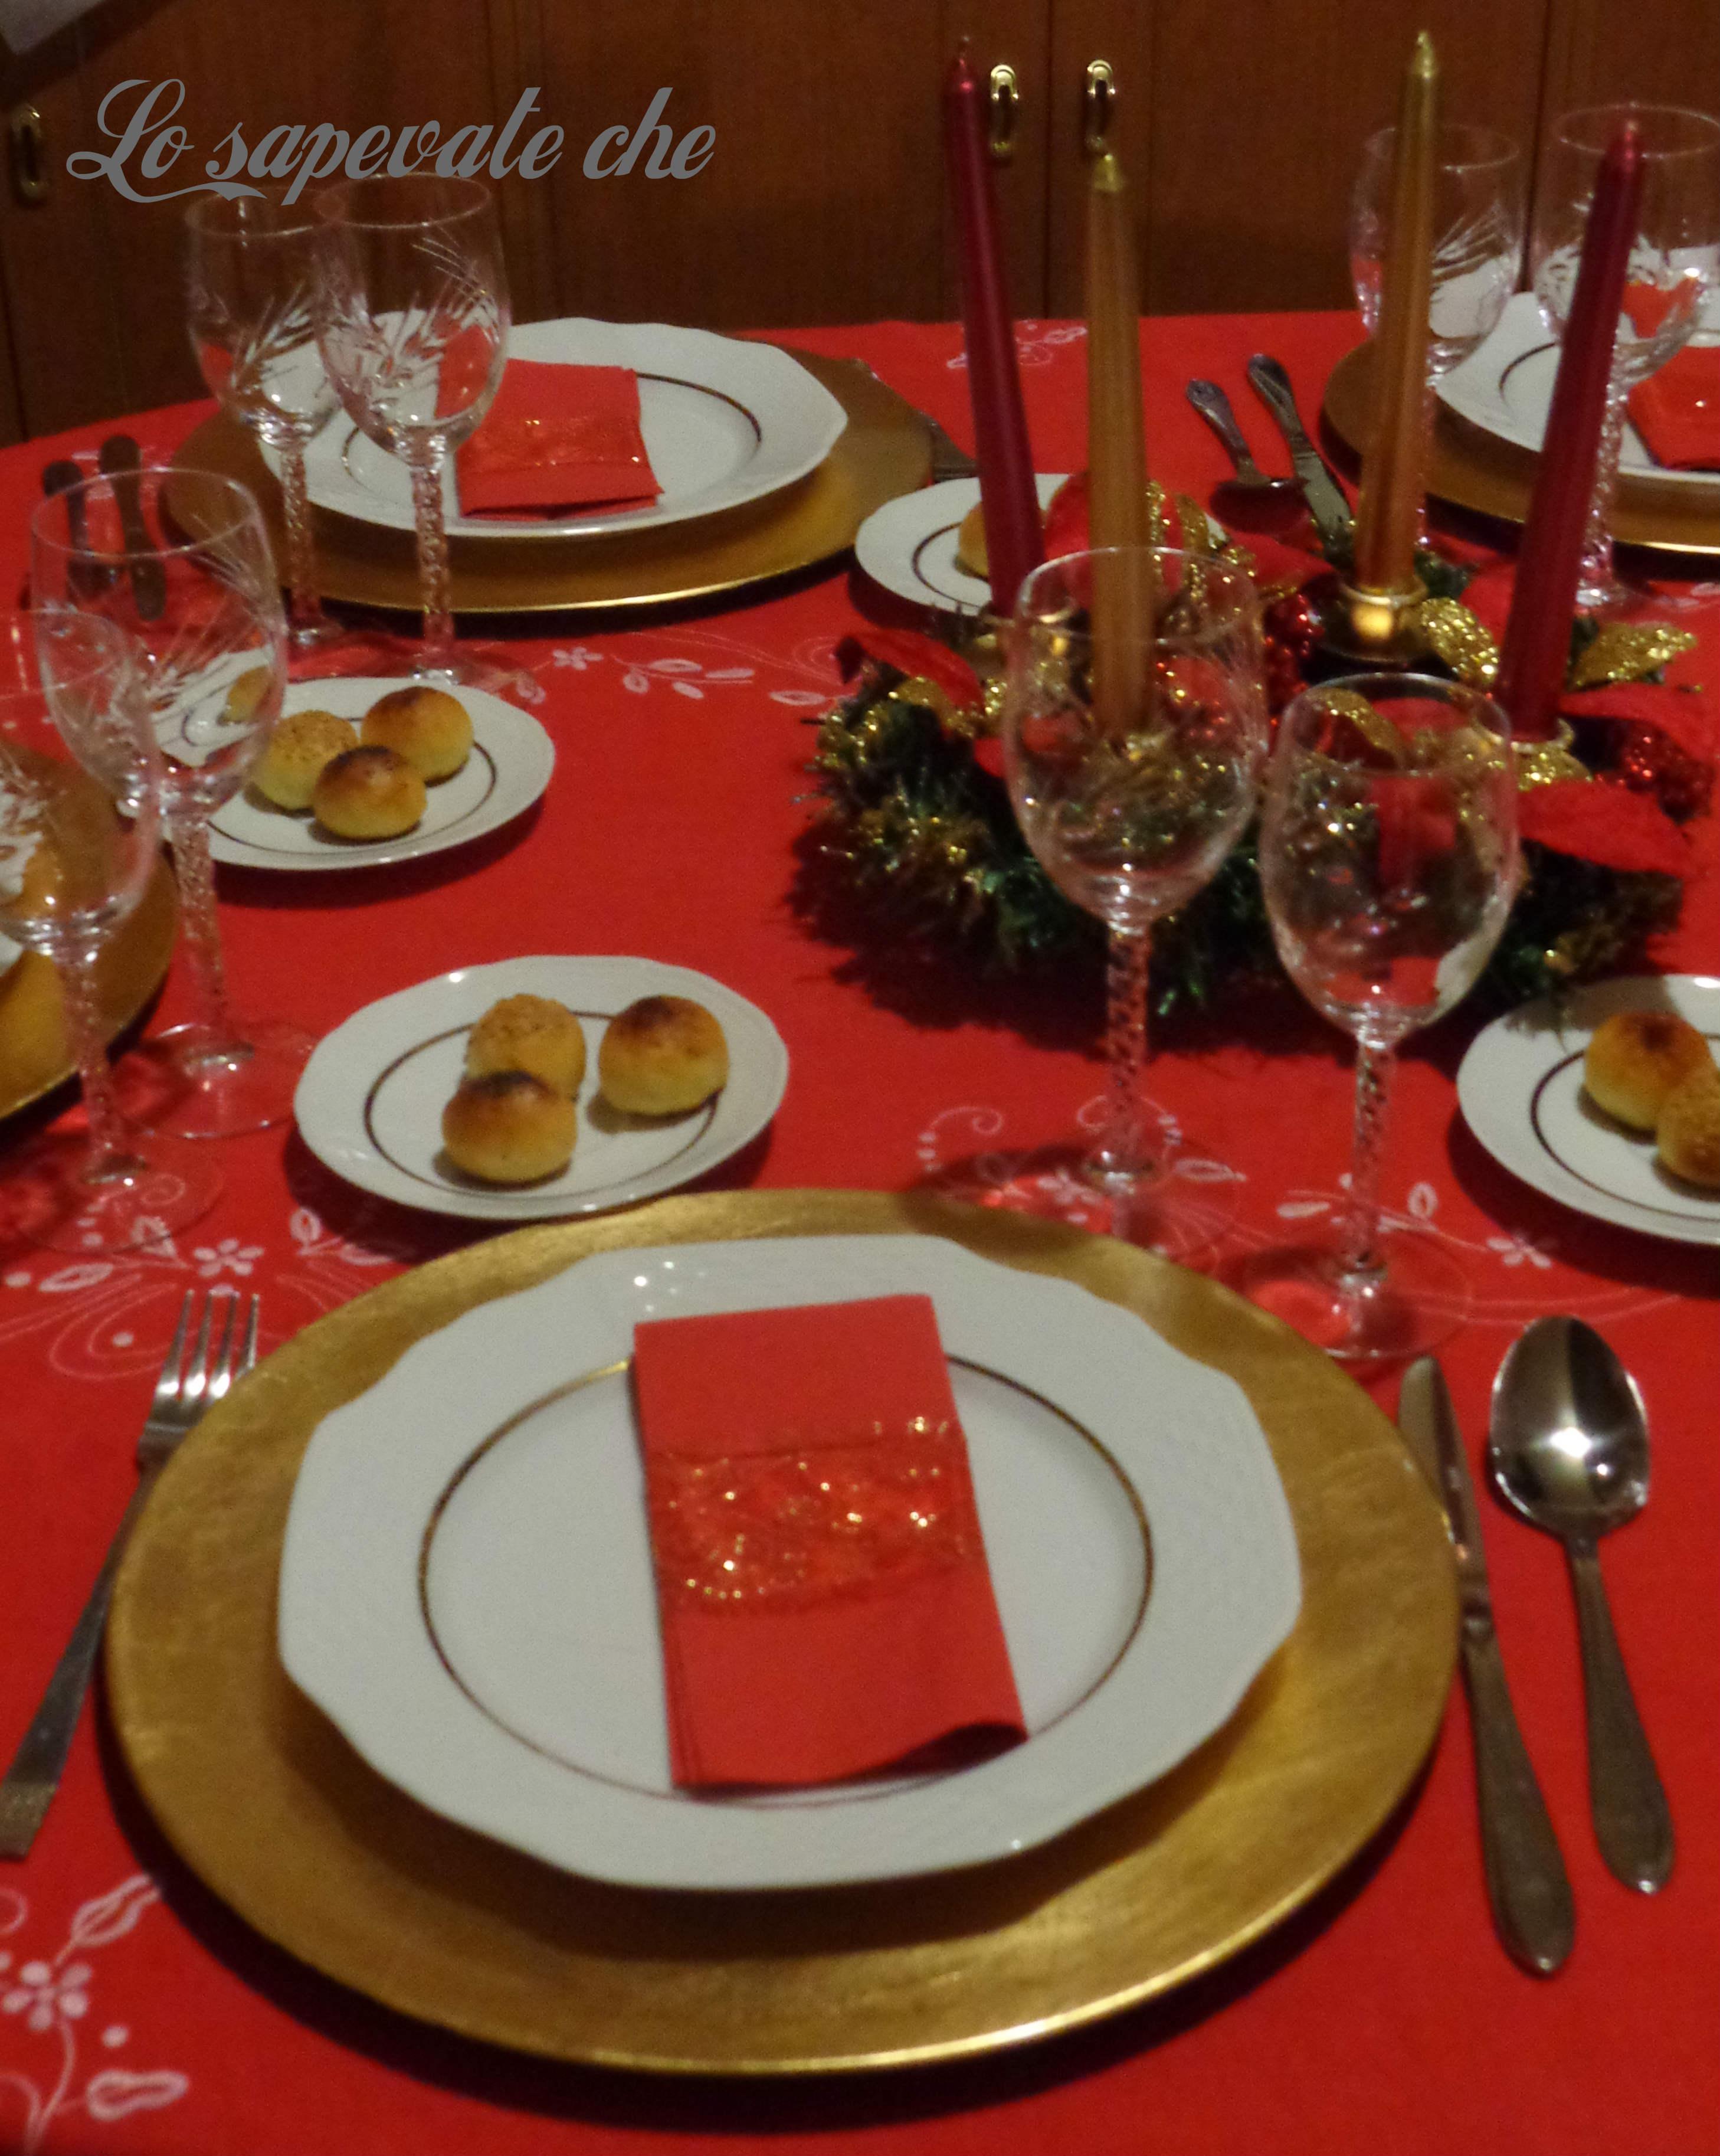 Arredare Tavola Natale come apparecchiare la tavola di natale | lo sapevate che